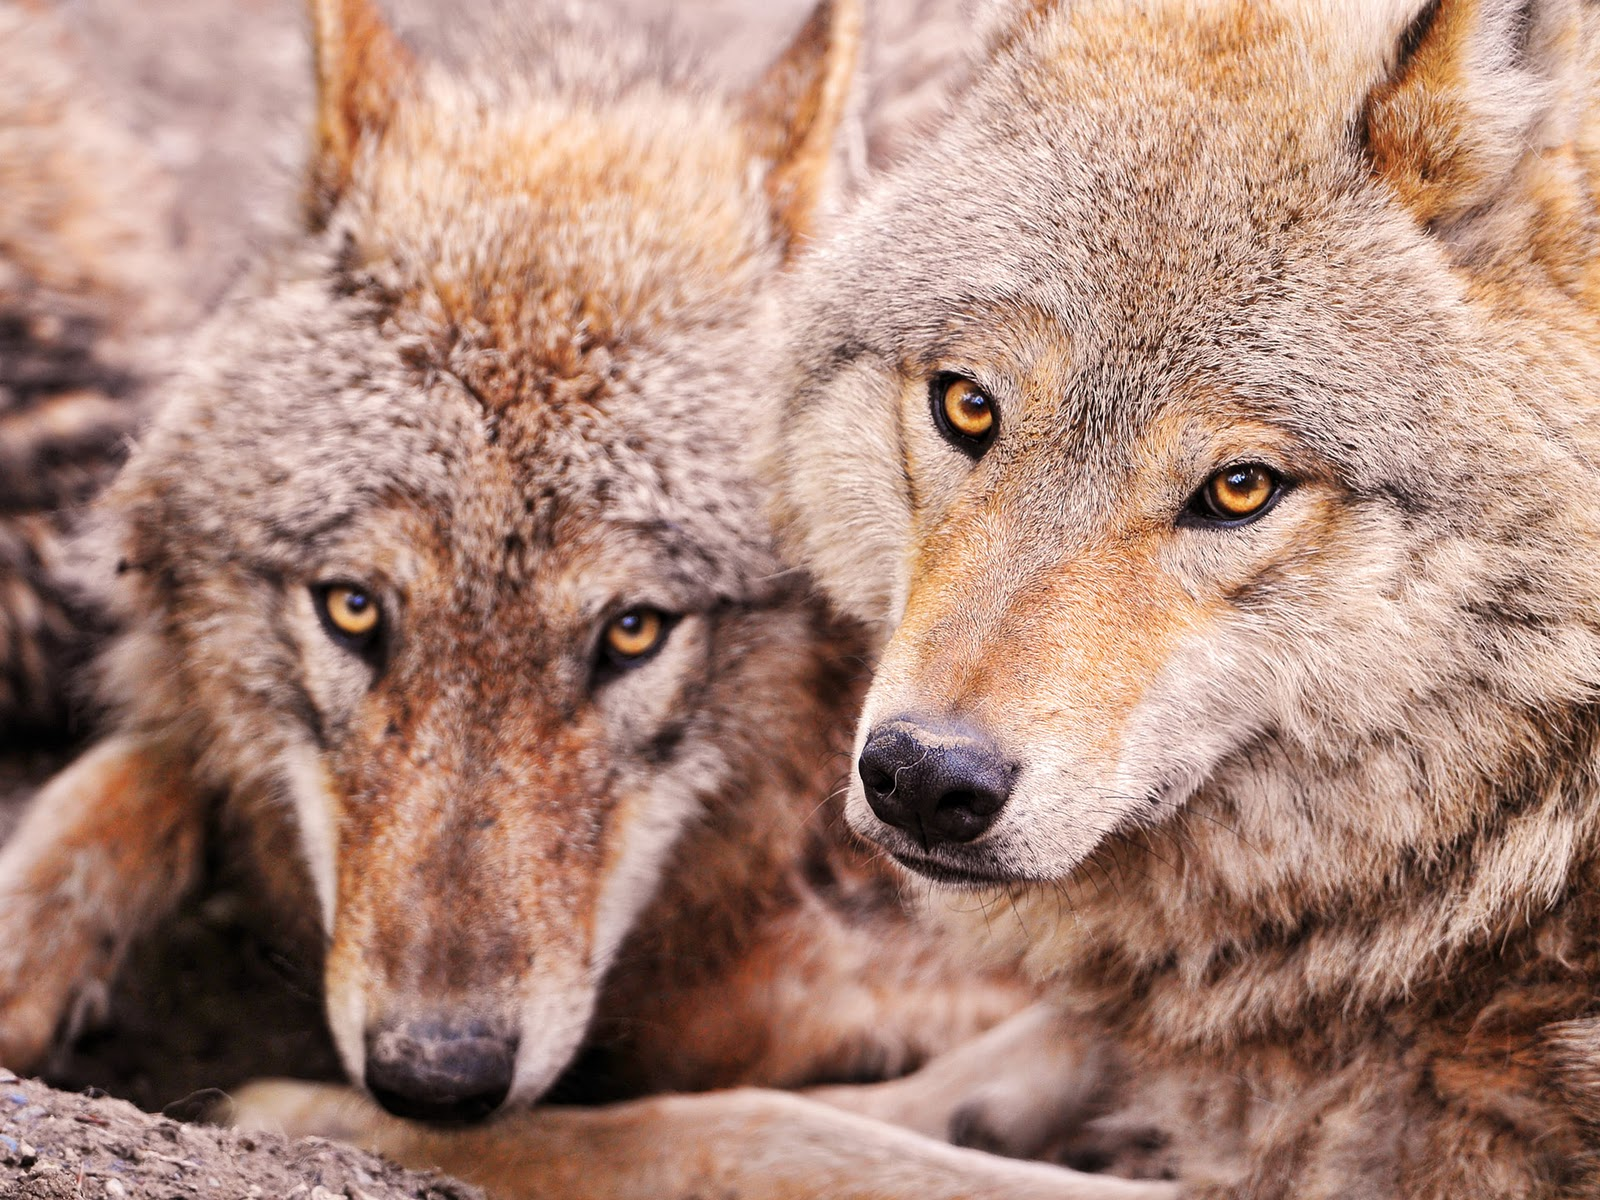 Lobos, fondos de pantalla de lobos, Wallpapers HD